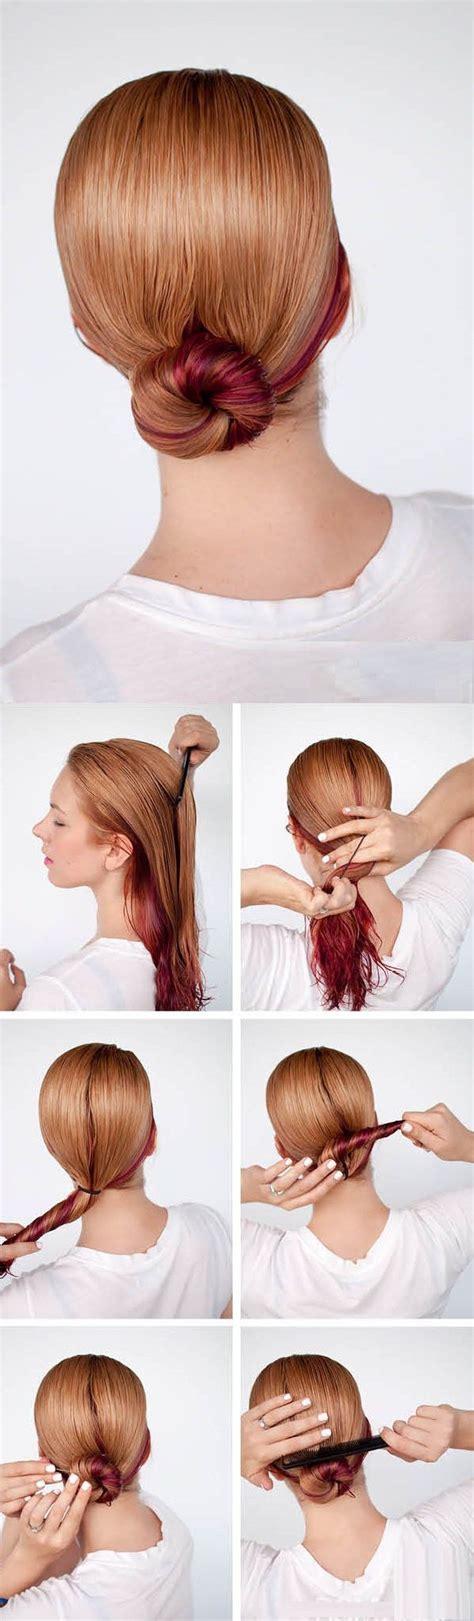 kako isvjetliti kosu kako stilizirati mokru kosu frizure hr